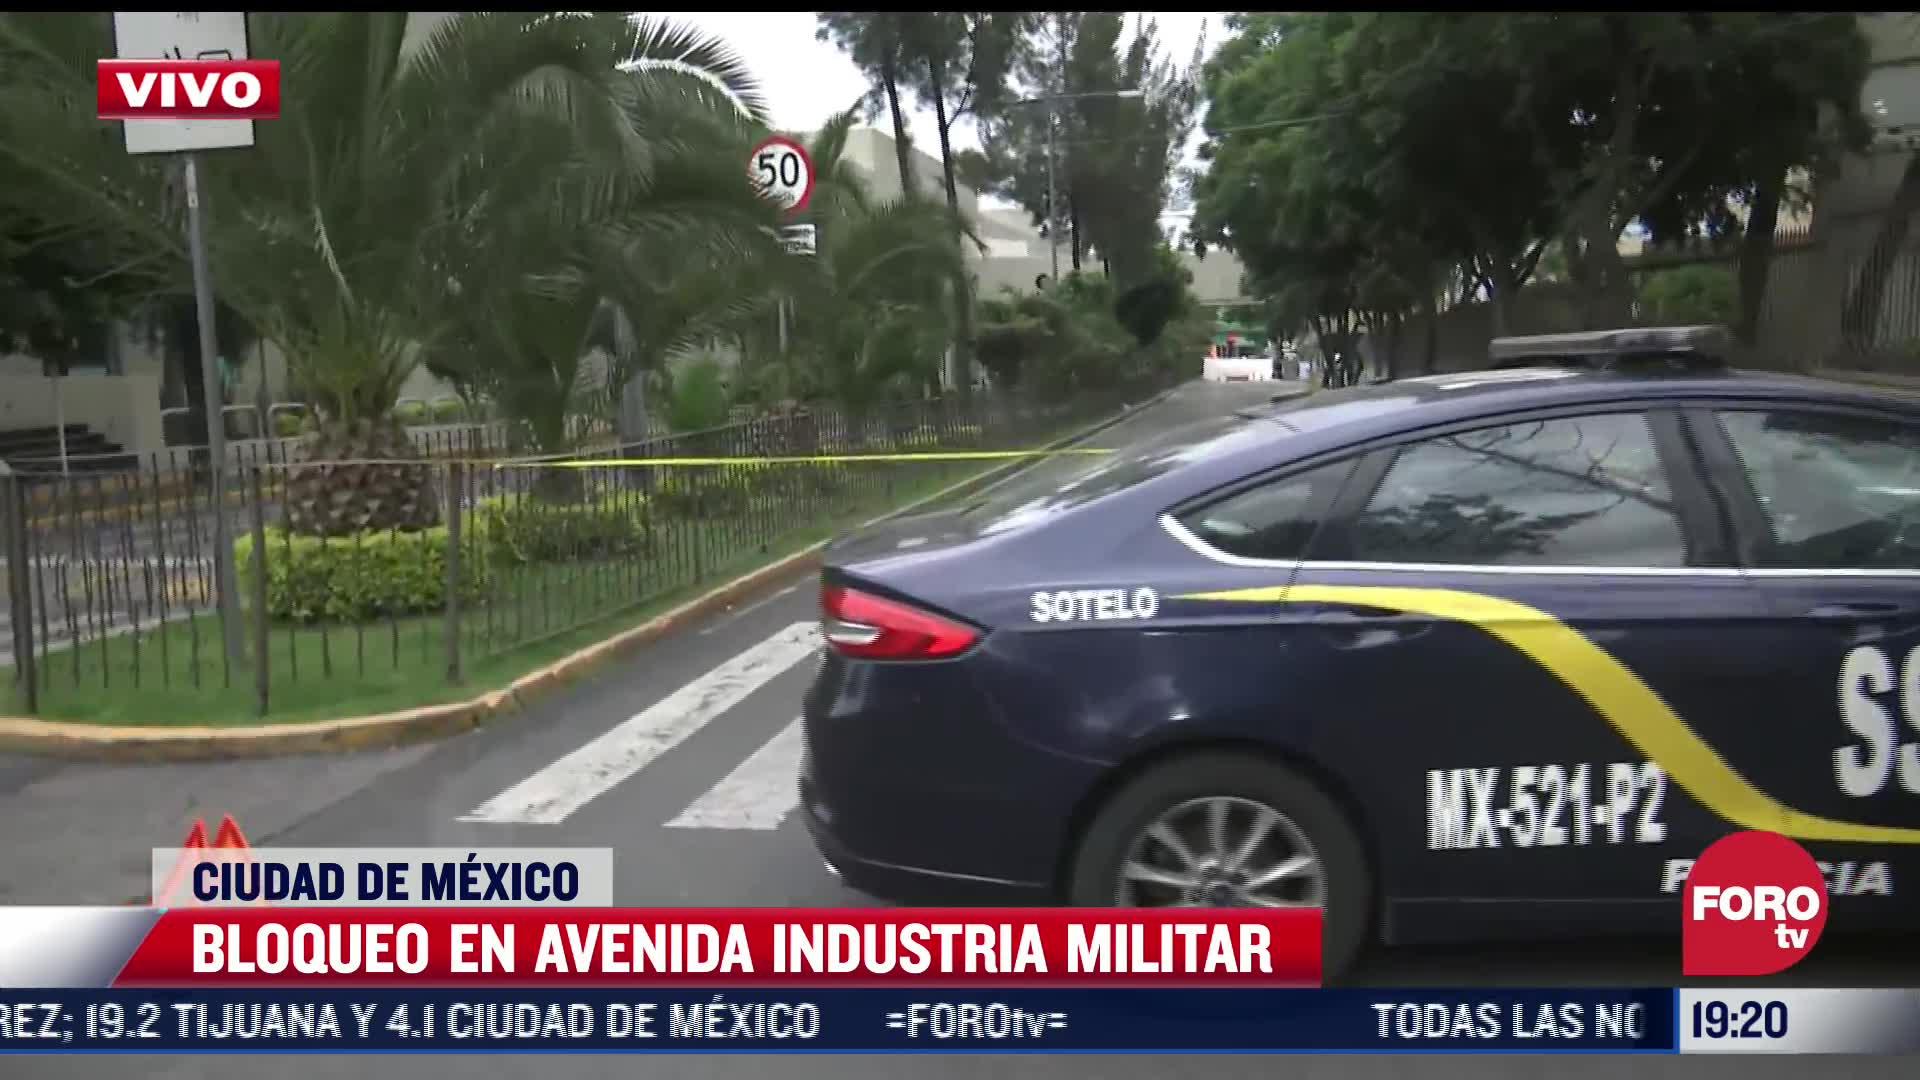 se registra bloqueo en avenida ingenieros militares en cdmx